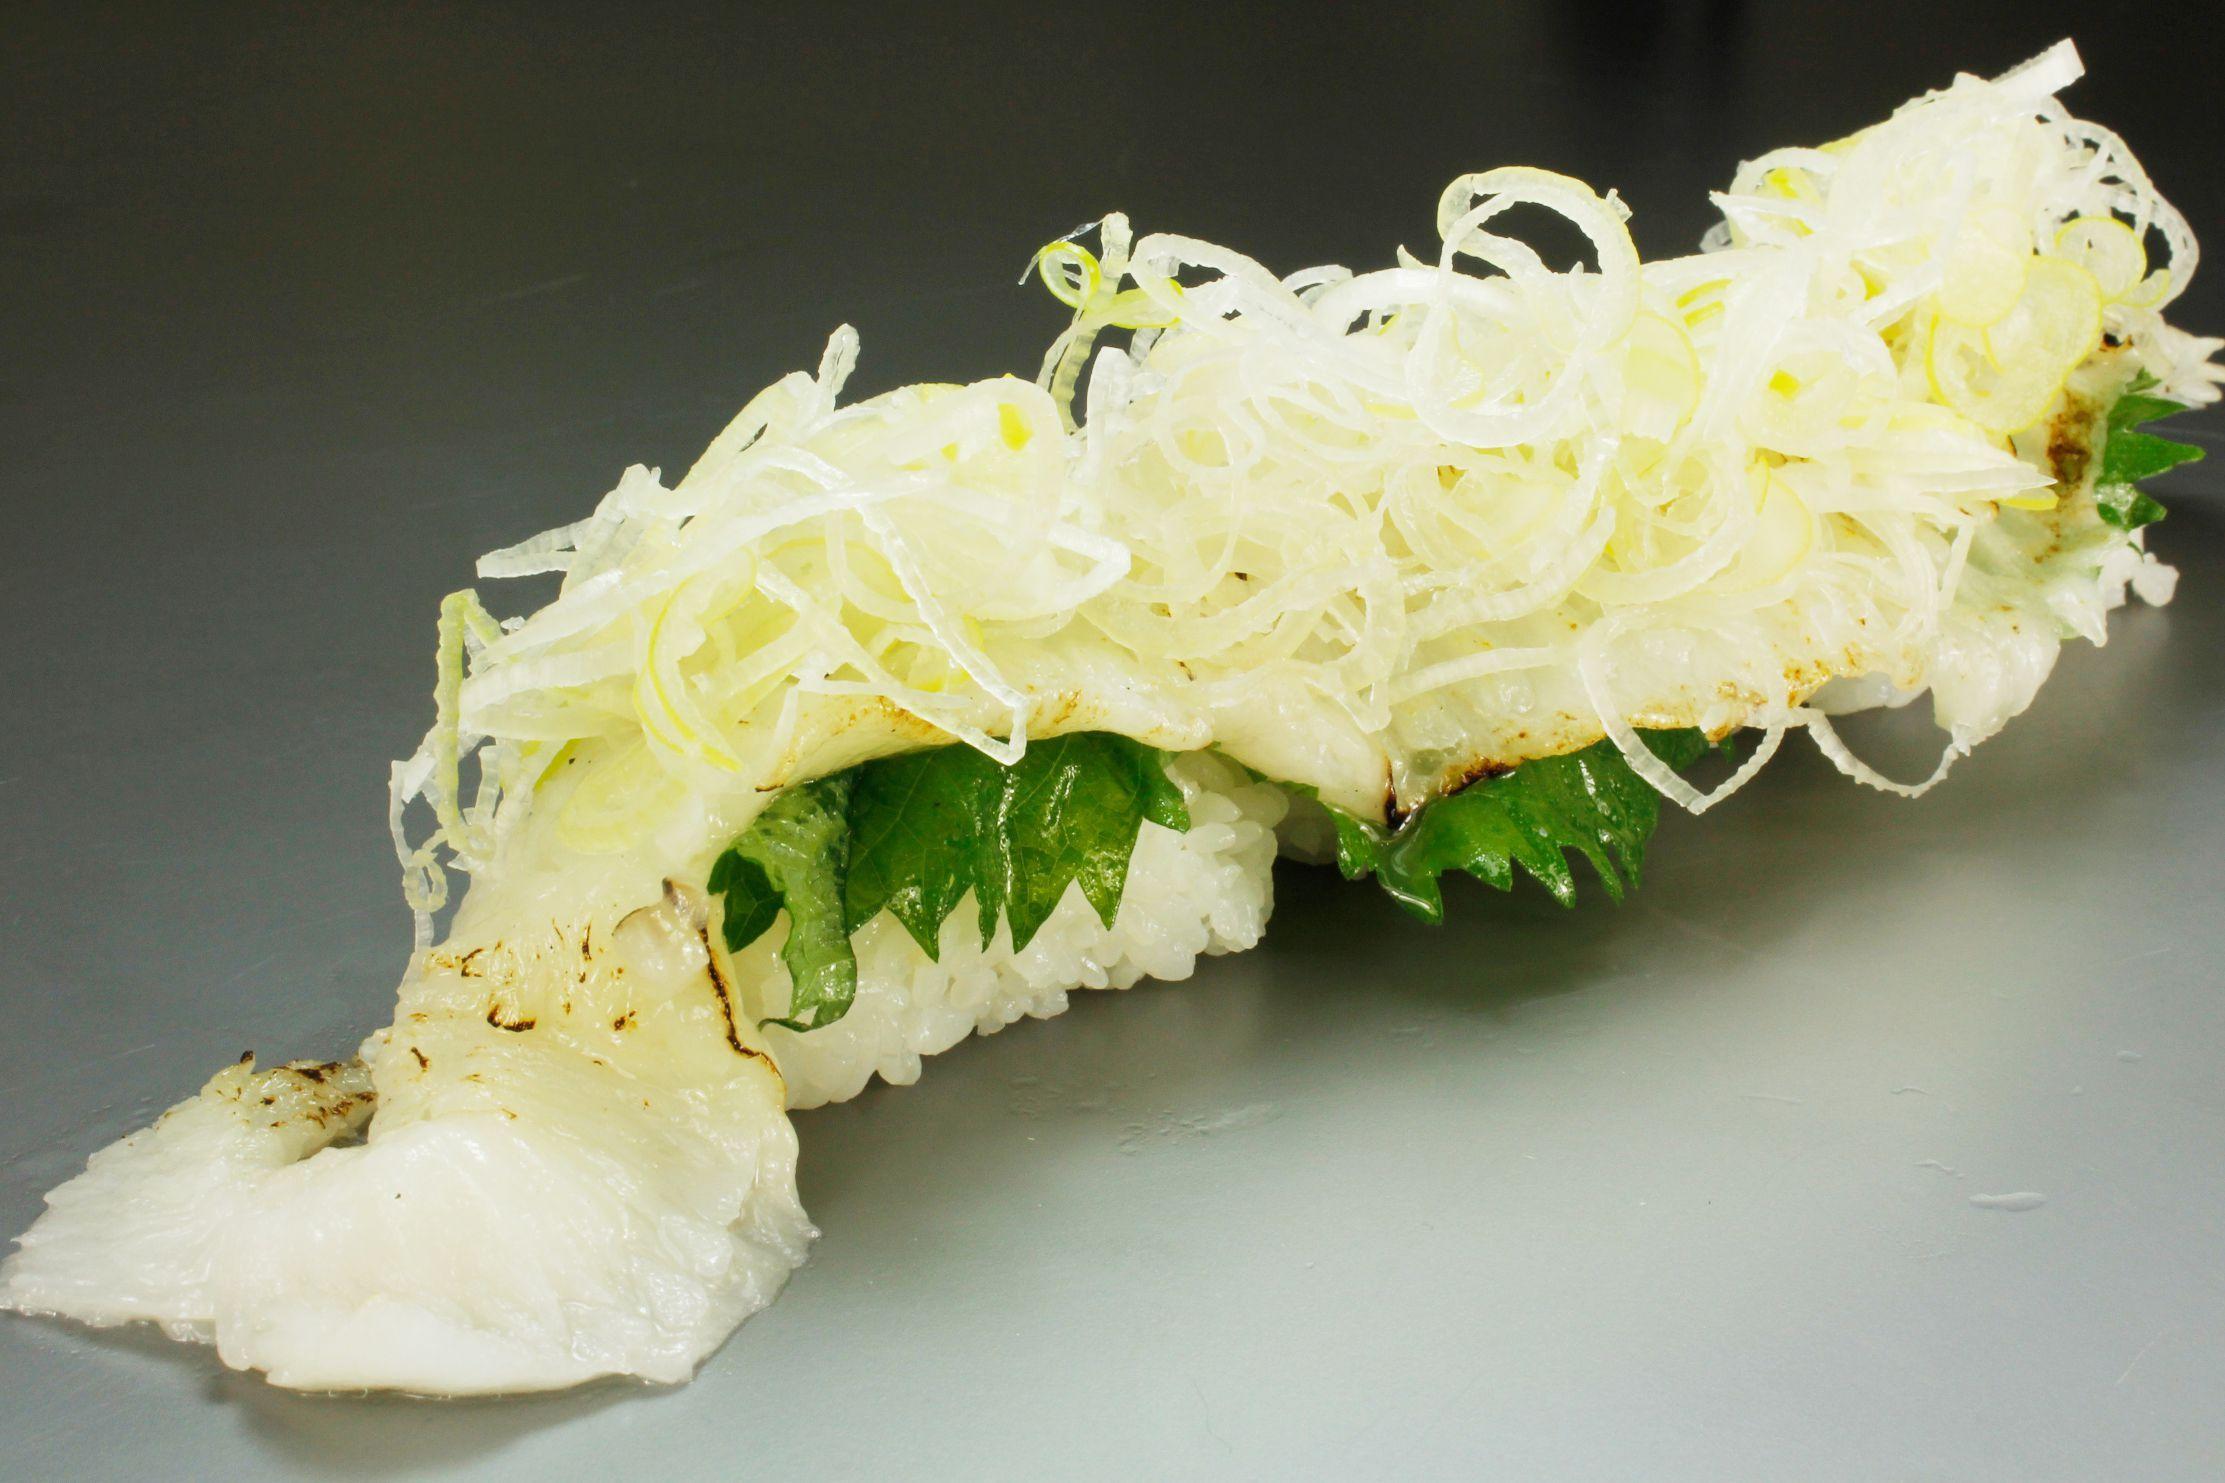 独楽寿司(神奈川県) グローバル寿司チャレンジ2015 世界チャンピオン地引淳監修 とろけるエンガワ寿司 トリュフ塩味